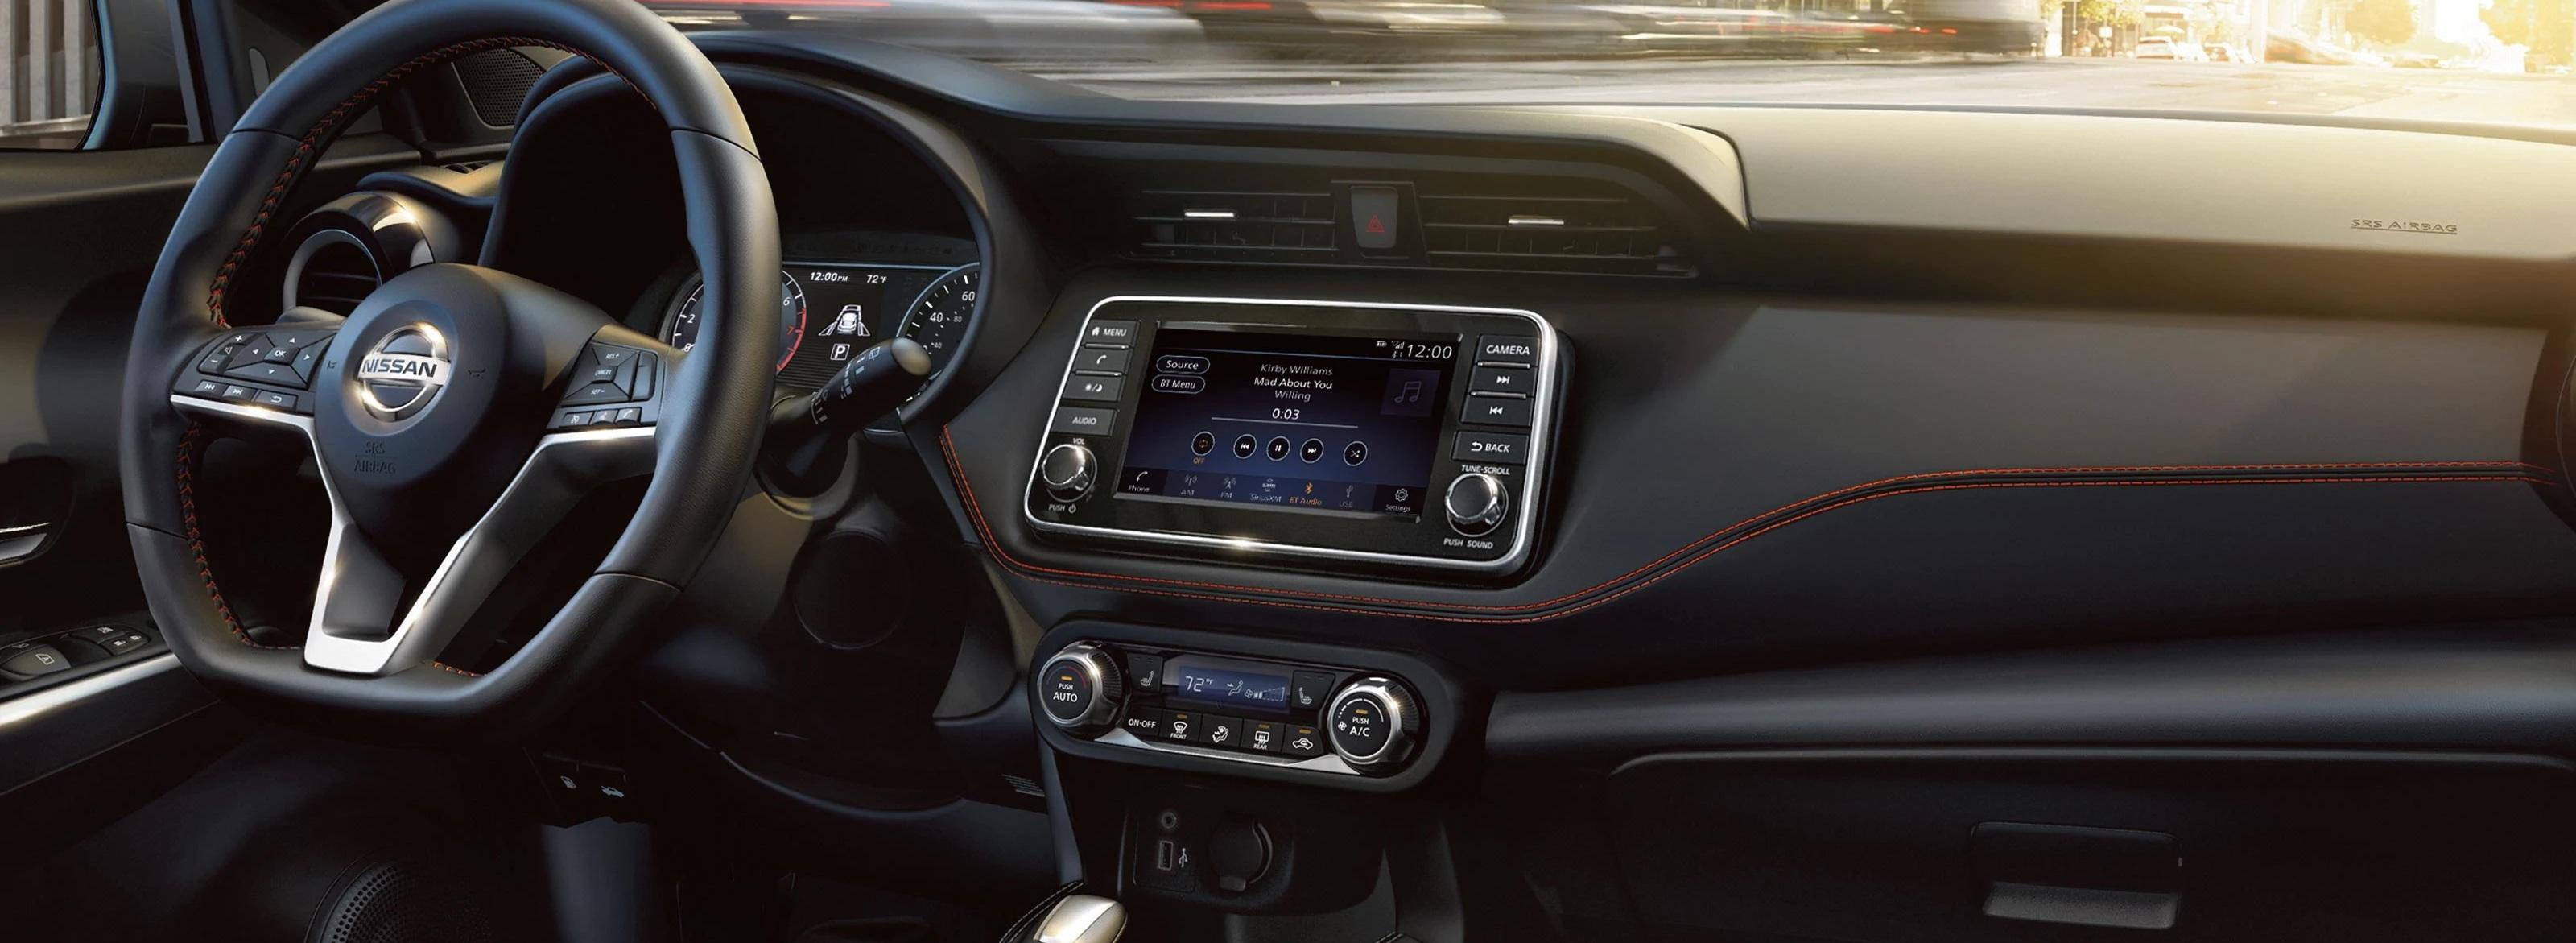 2020 Nissan Kicks Dashboard